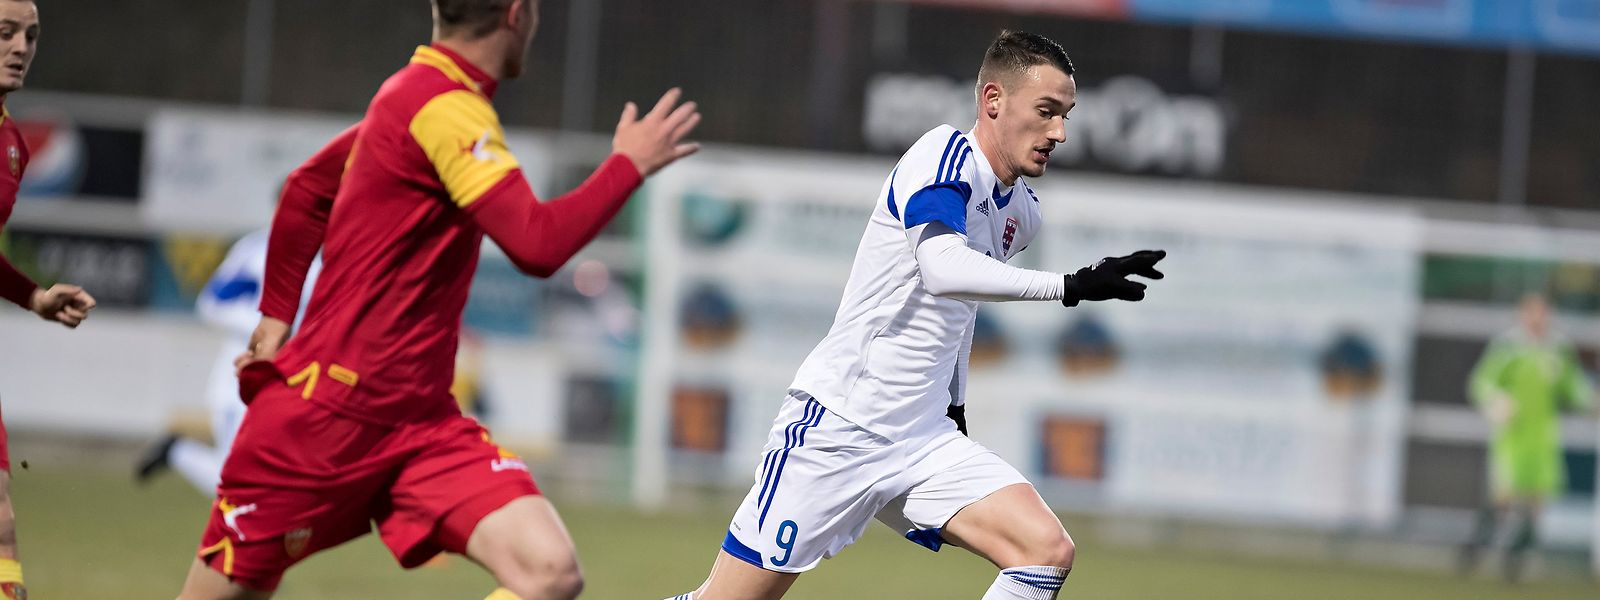 Edvin Muratovic (n°9, en blanc) va devoir retrouver son efficacité contre le Kazakhstan